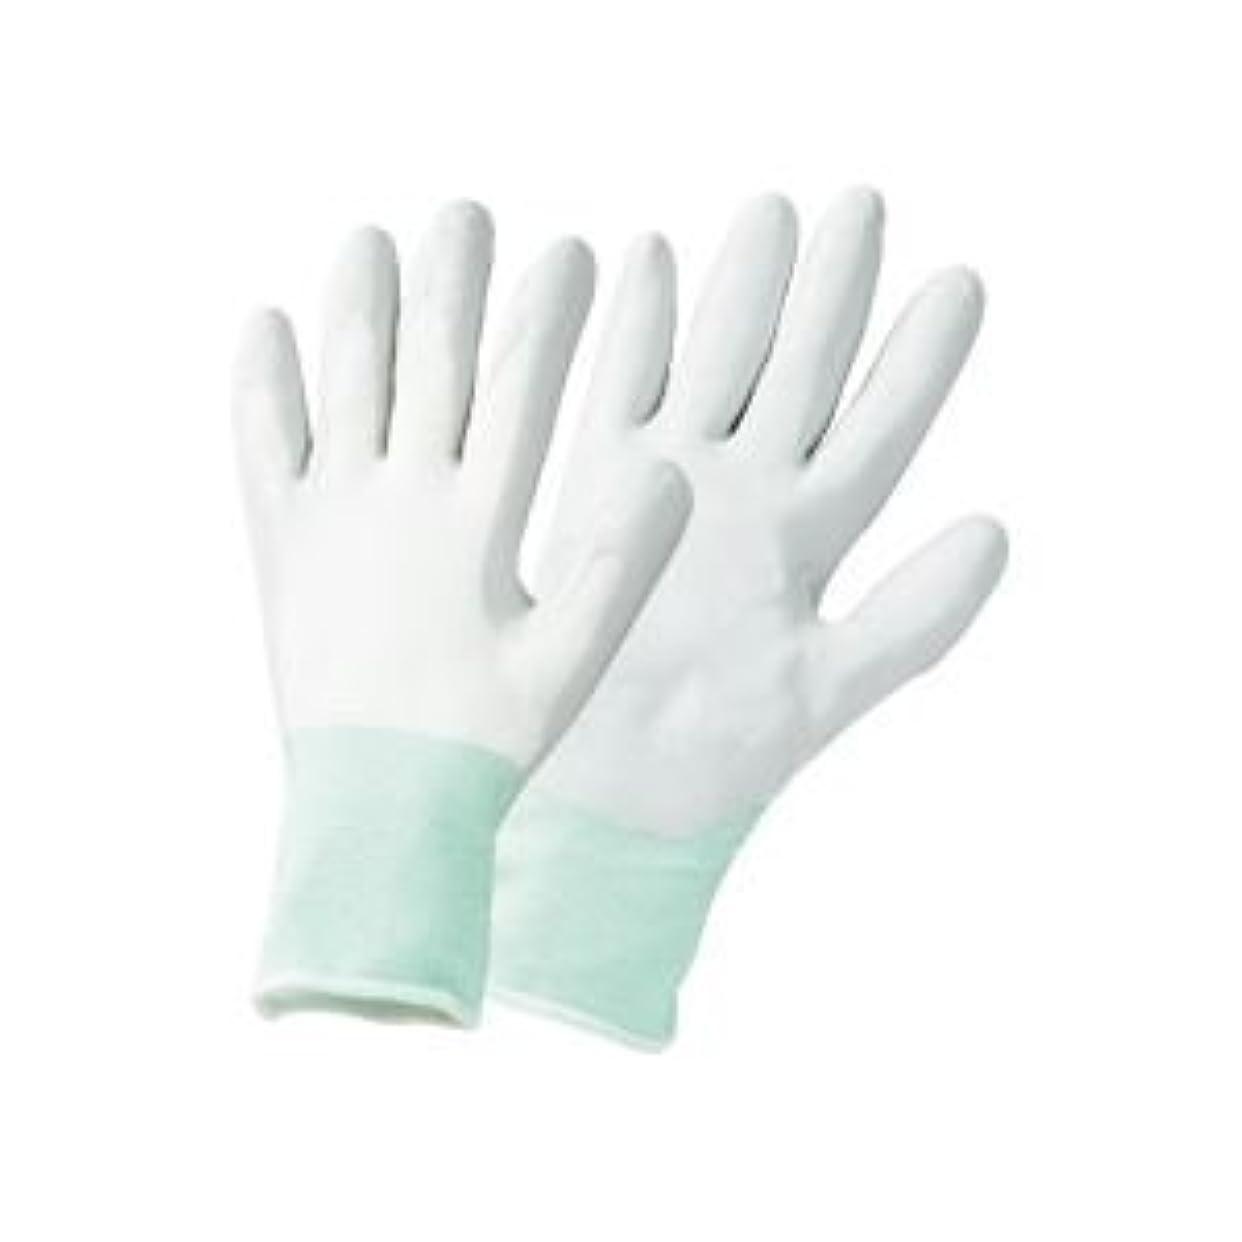 最小イソギンチャクスクラッチ(まとめ) TANOSEE ニトリルゴム手袋薄手 L グレー 1パック(5双) 【×5セット】 ds-1577018